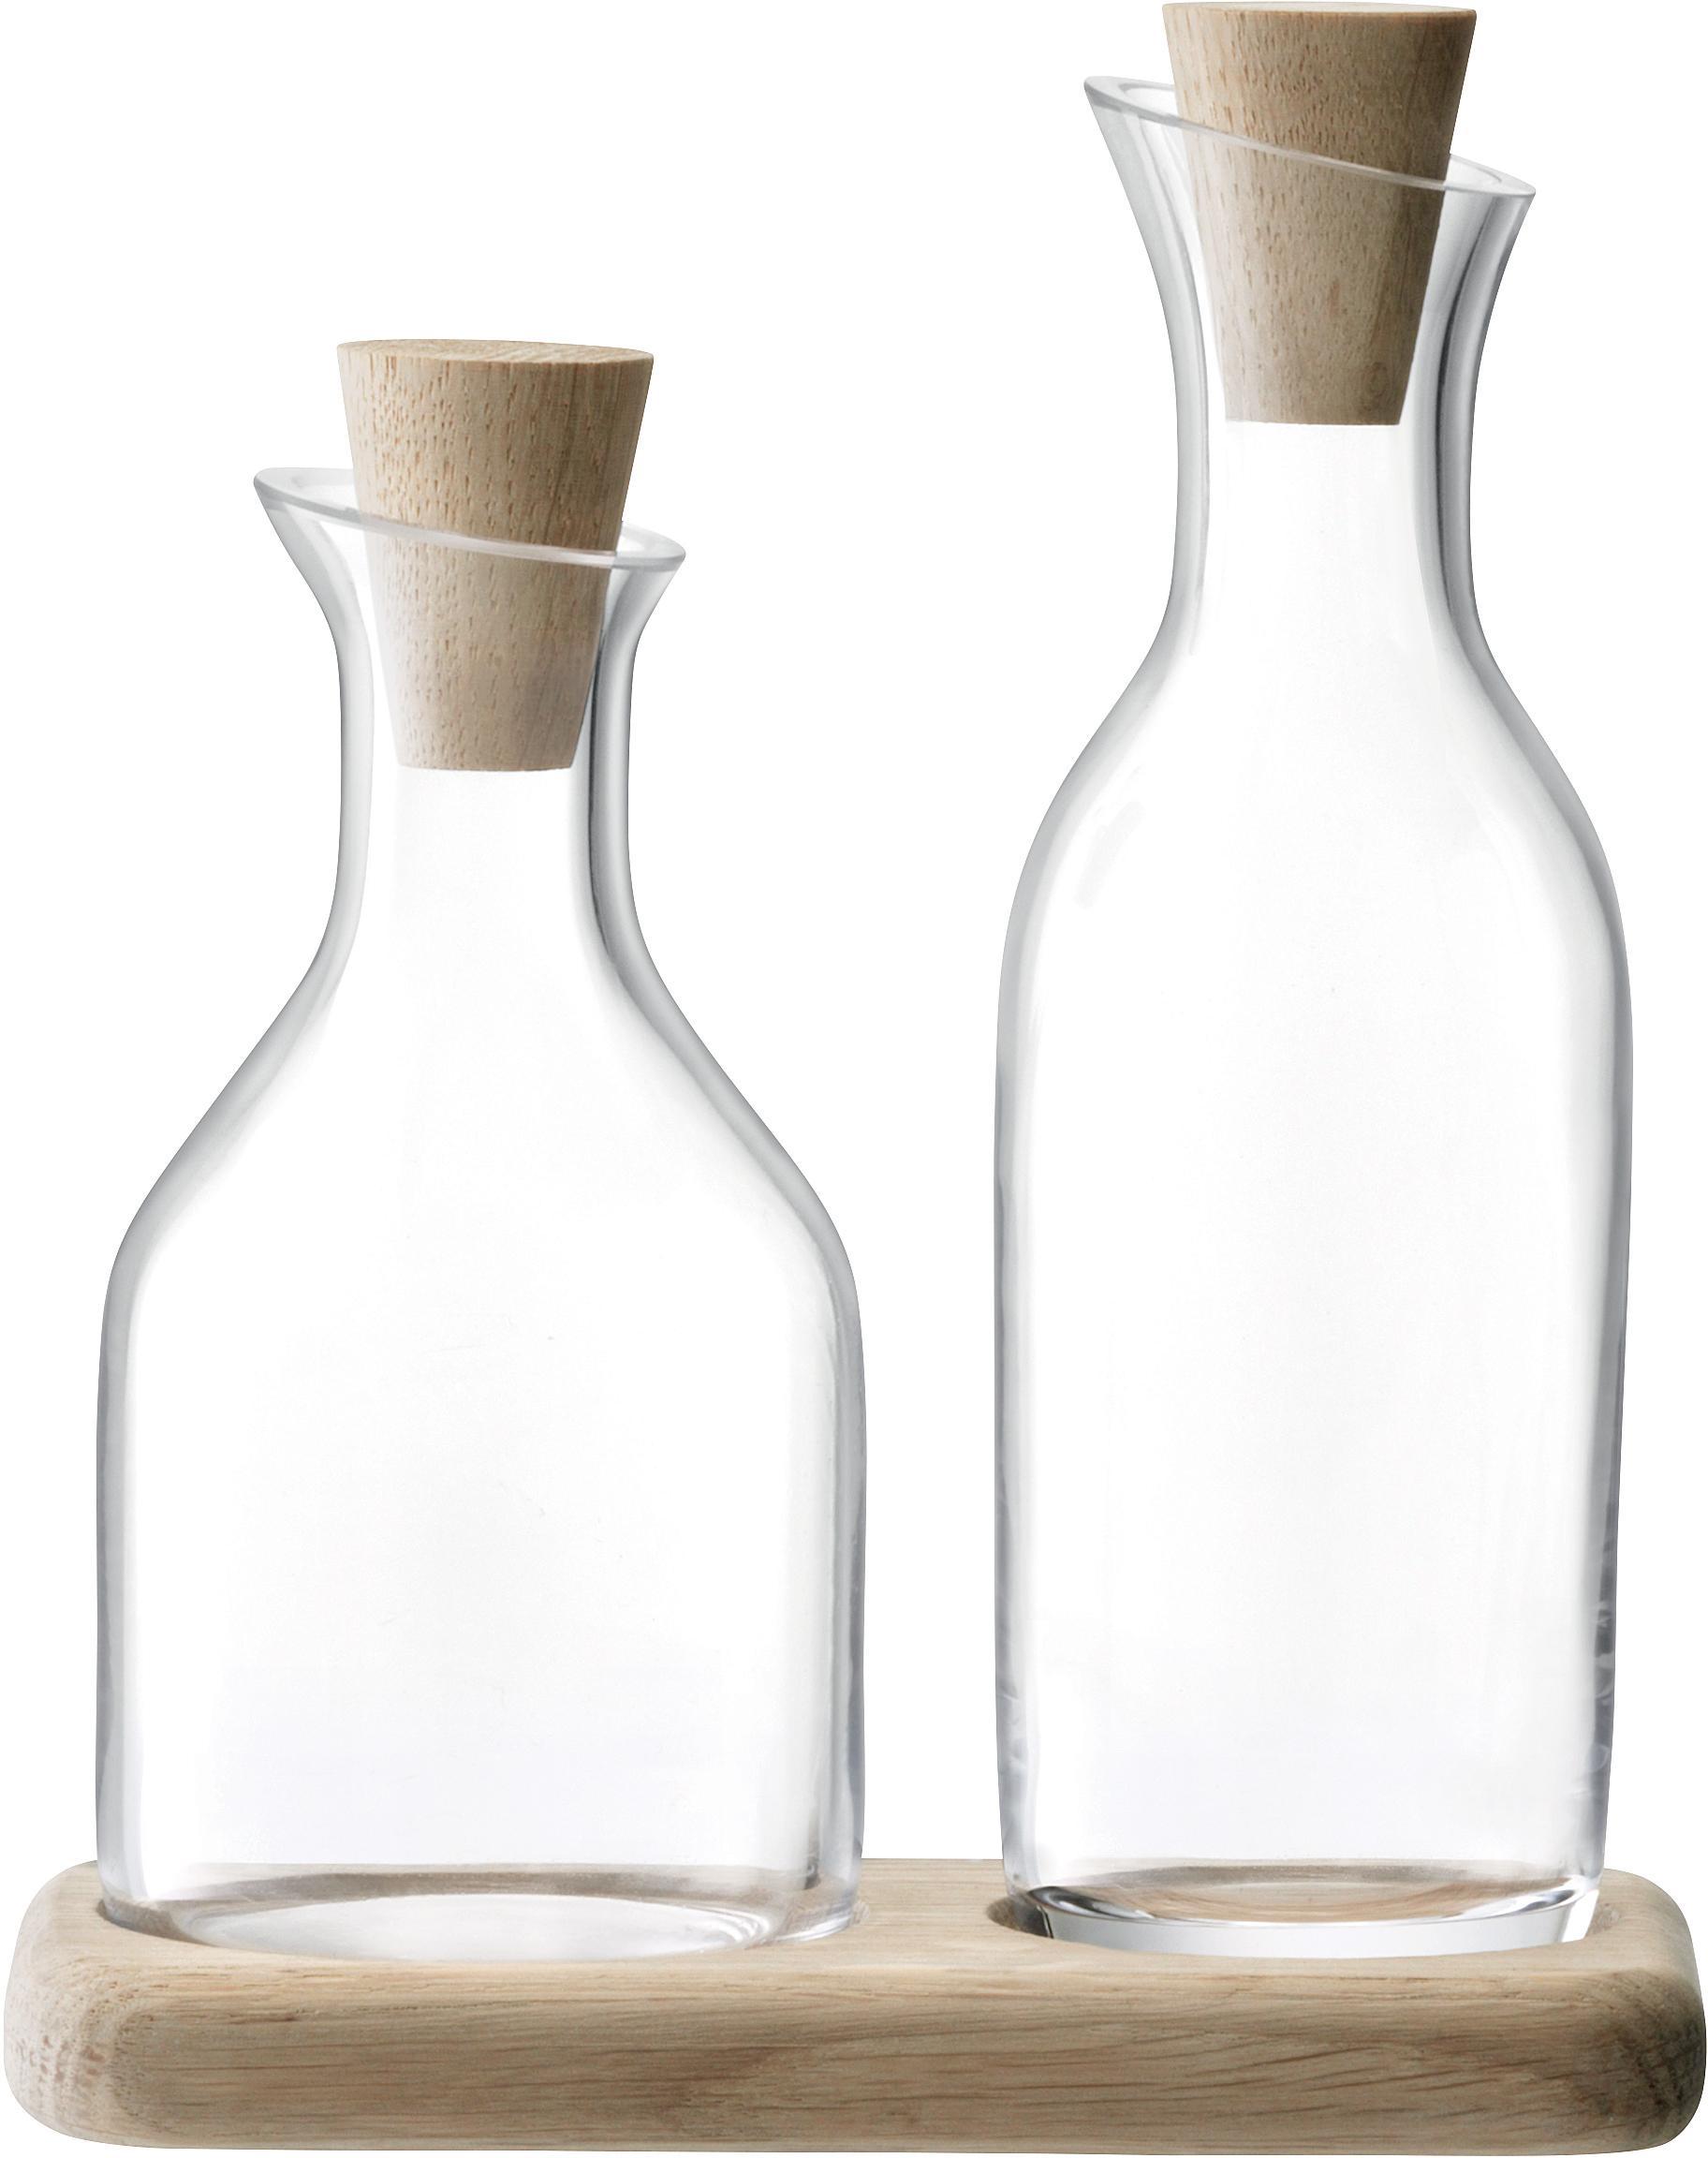 Essig- und Öl-Spender Serve aus Glas und Eichenholz, 3er-Set, Unterteil: Eichenholz, Verschlüsse: Eichenholz, Spender: TransparentUnterteil: EichenholzVerschlüsse: Eichenholz, Sondergrößen